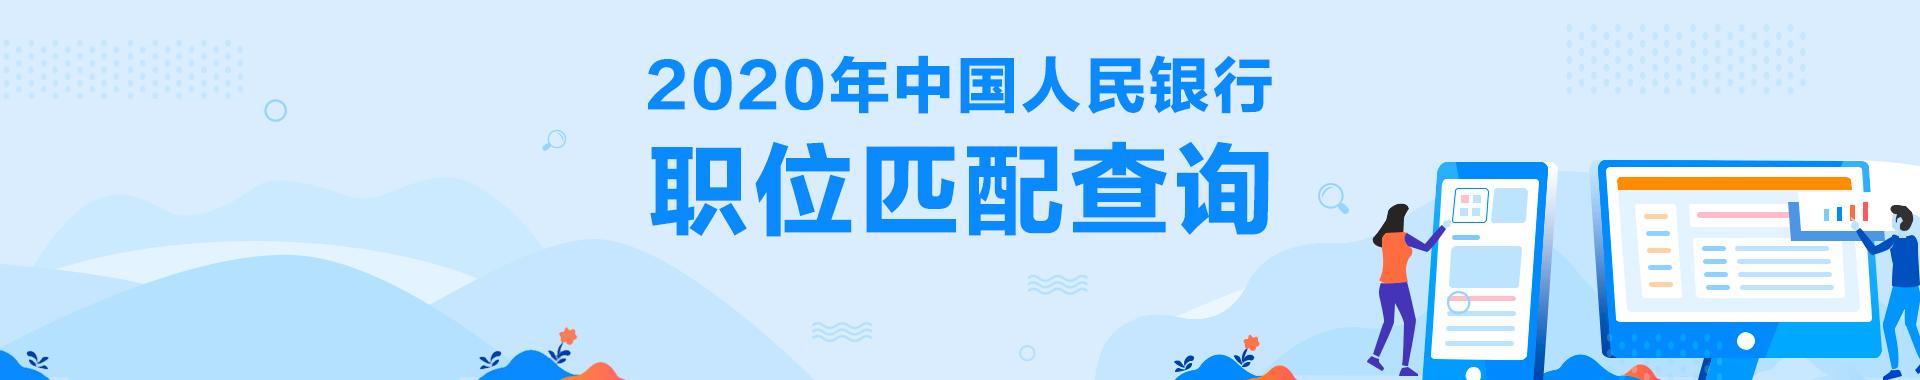 2020年中国人民银行职位匹配查询